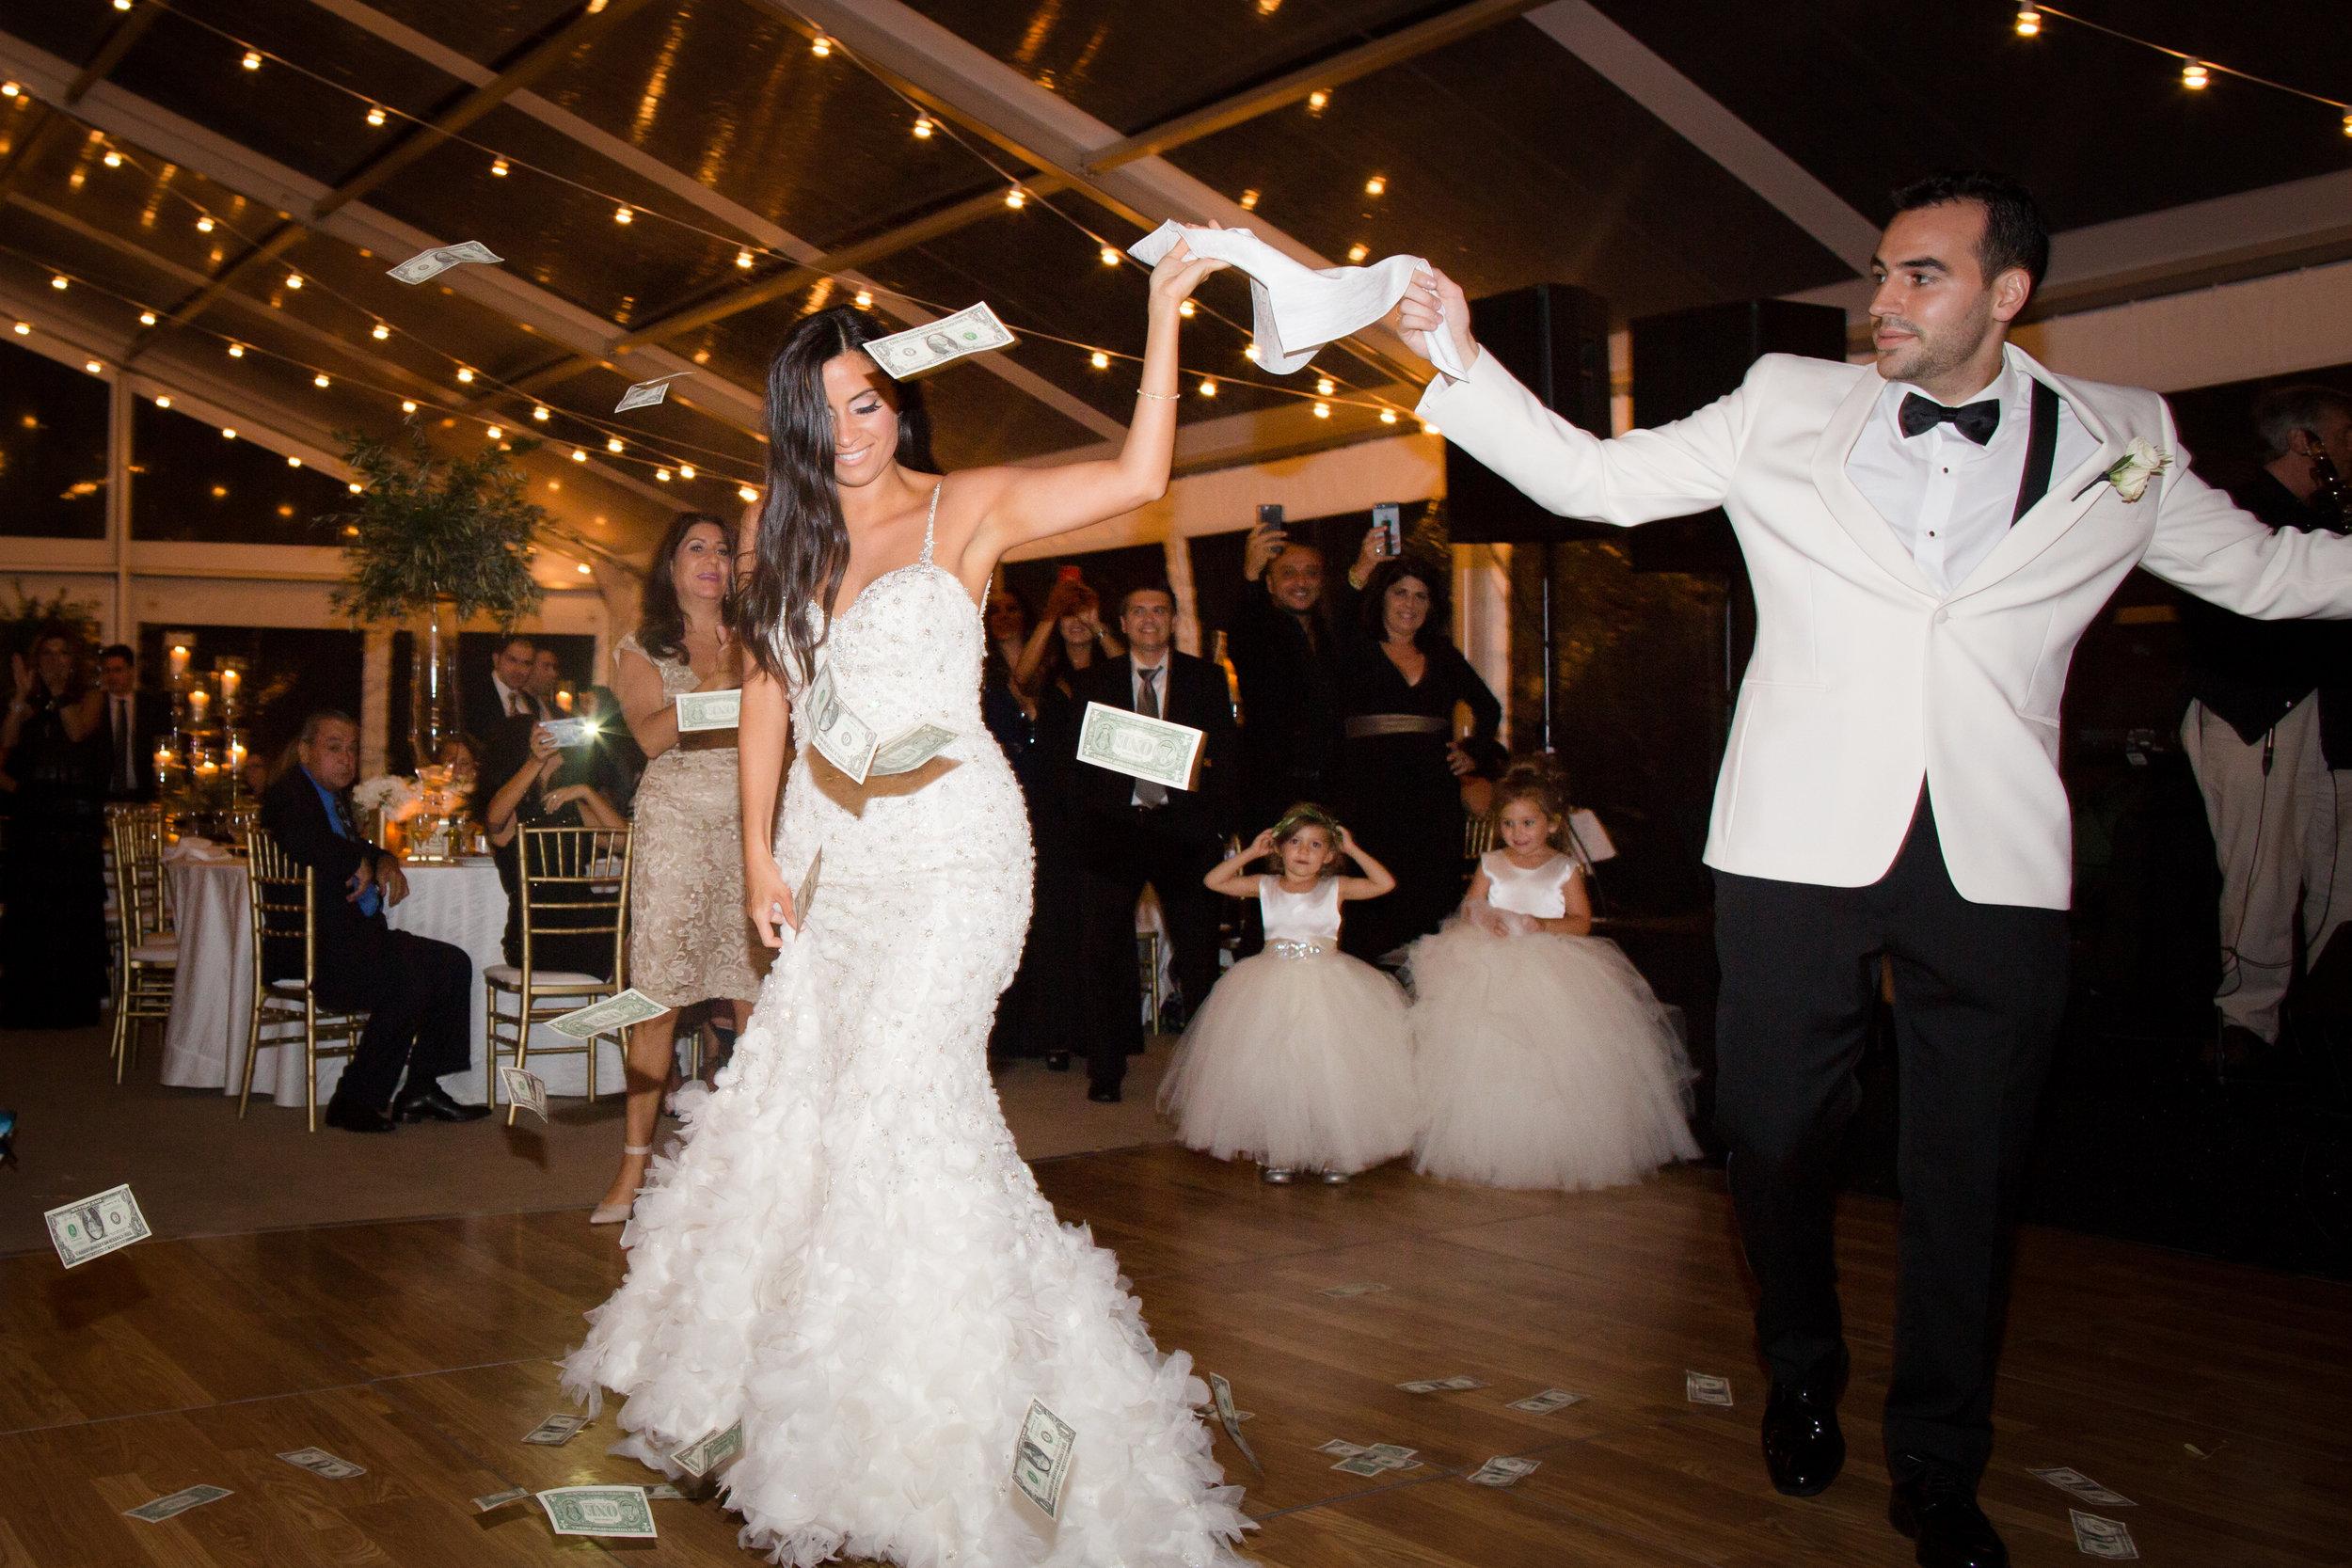 Wedding reception at Kiawah Island Golf Club River Course